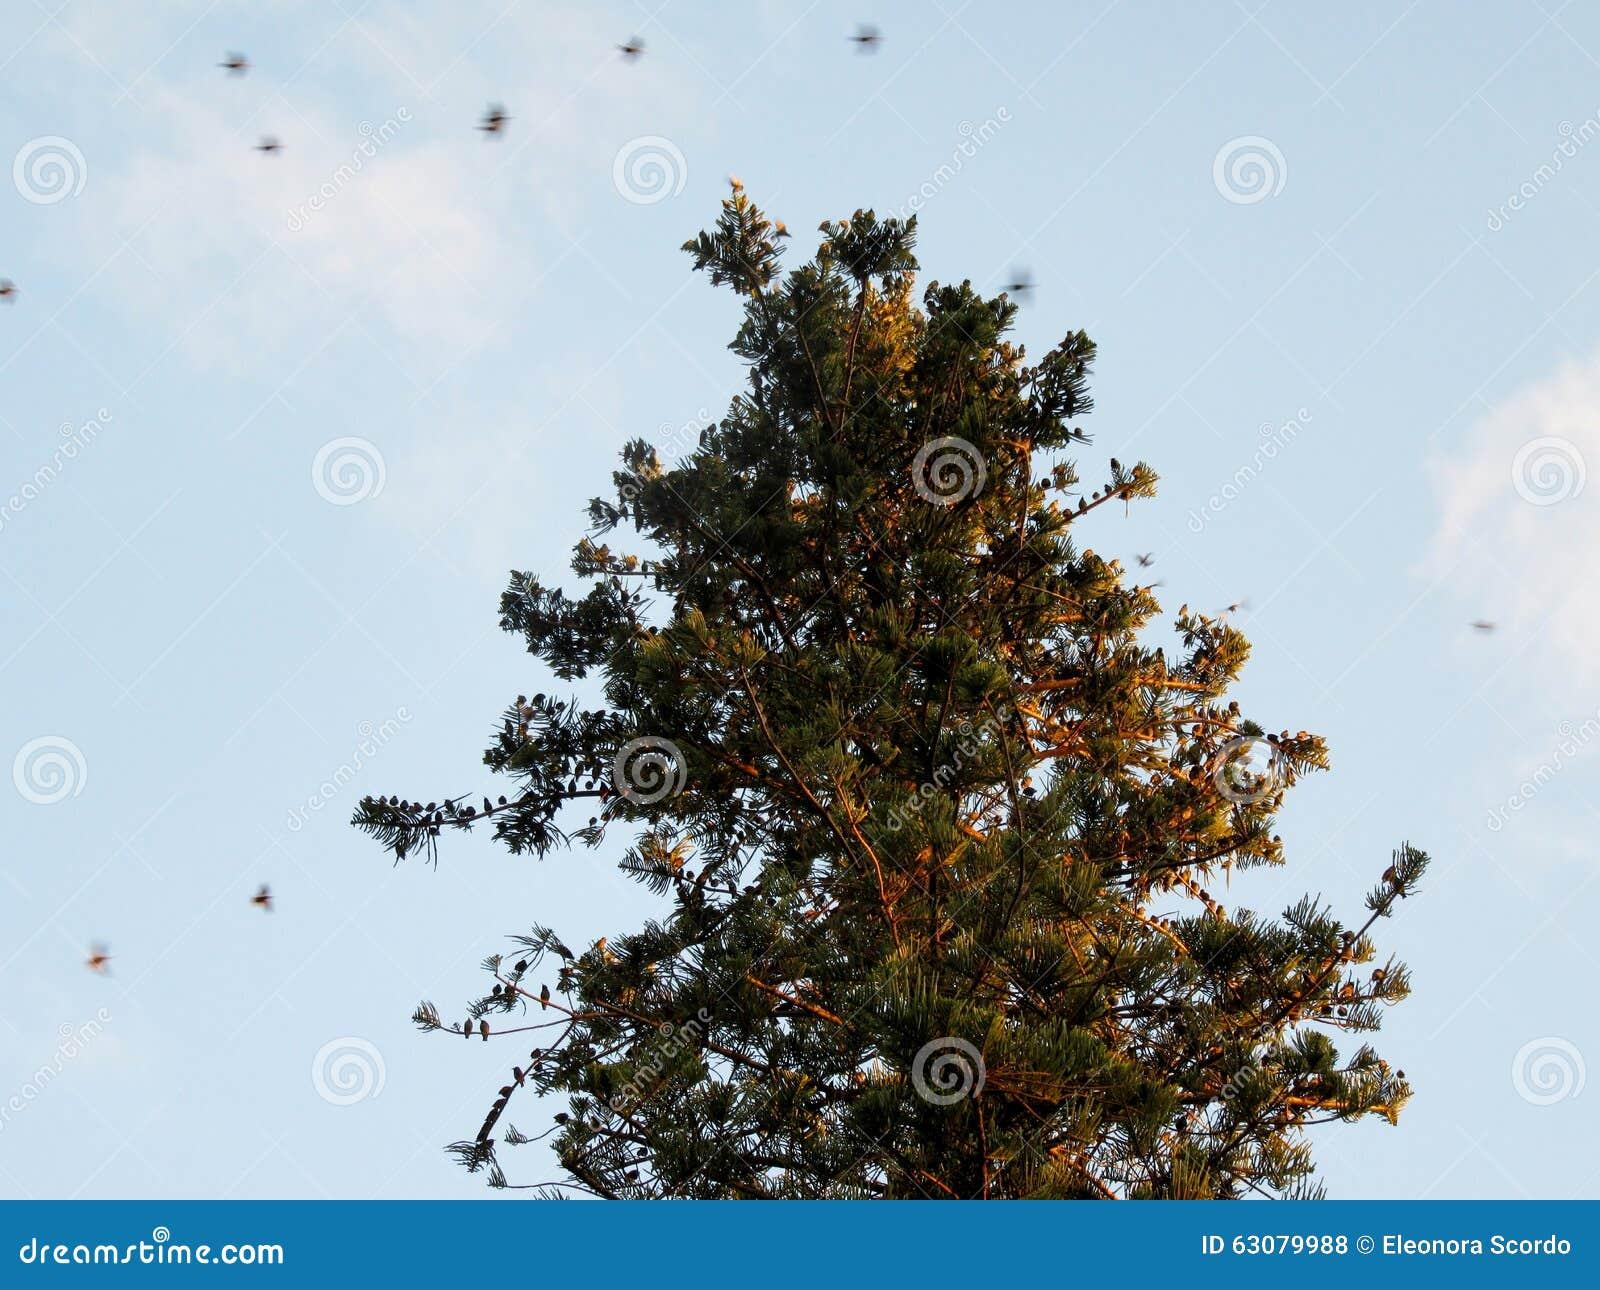 Download Volée Des Oiseaux Sur L'araucaria D'arbre Photo stock - Image du ciel, nature: 63079988